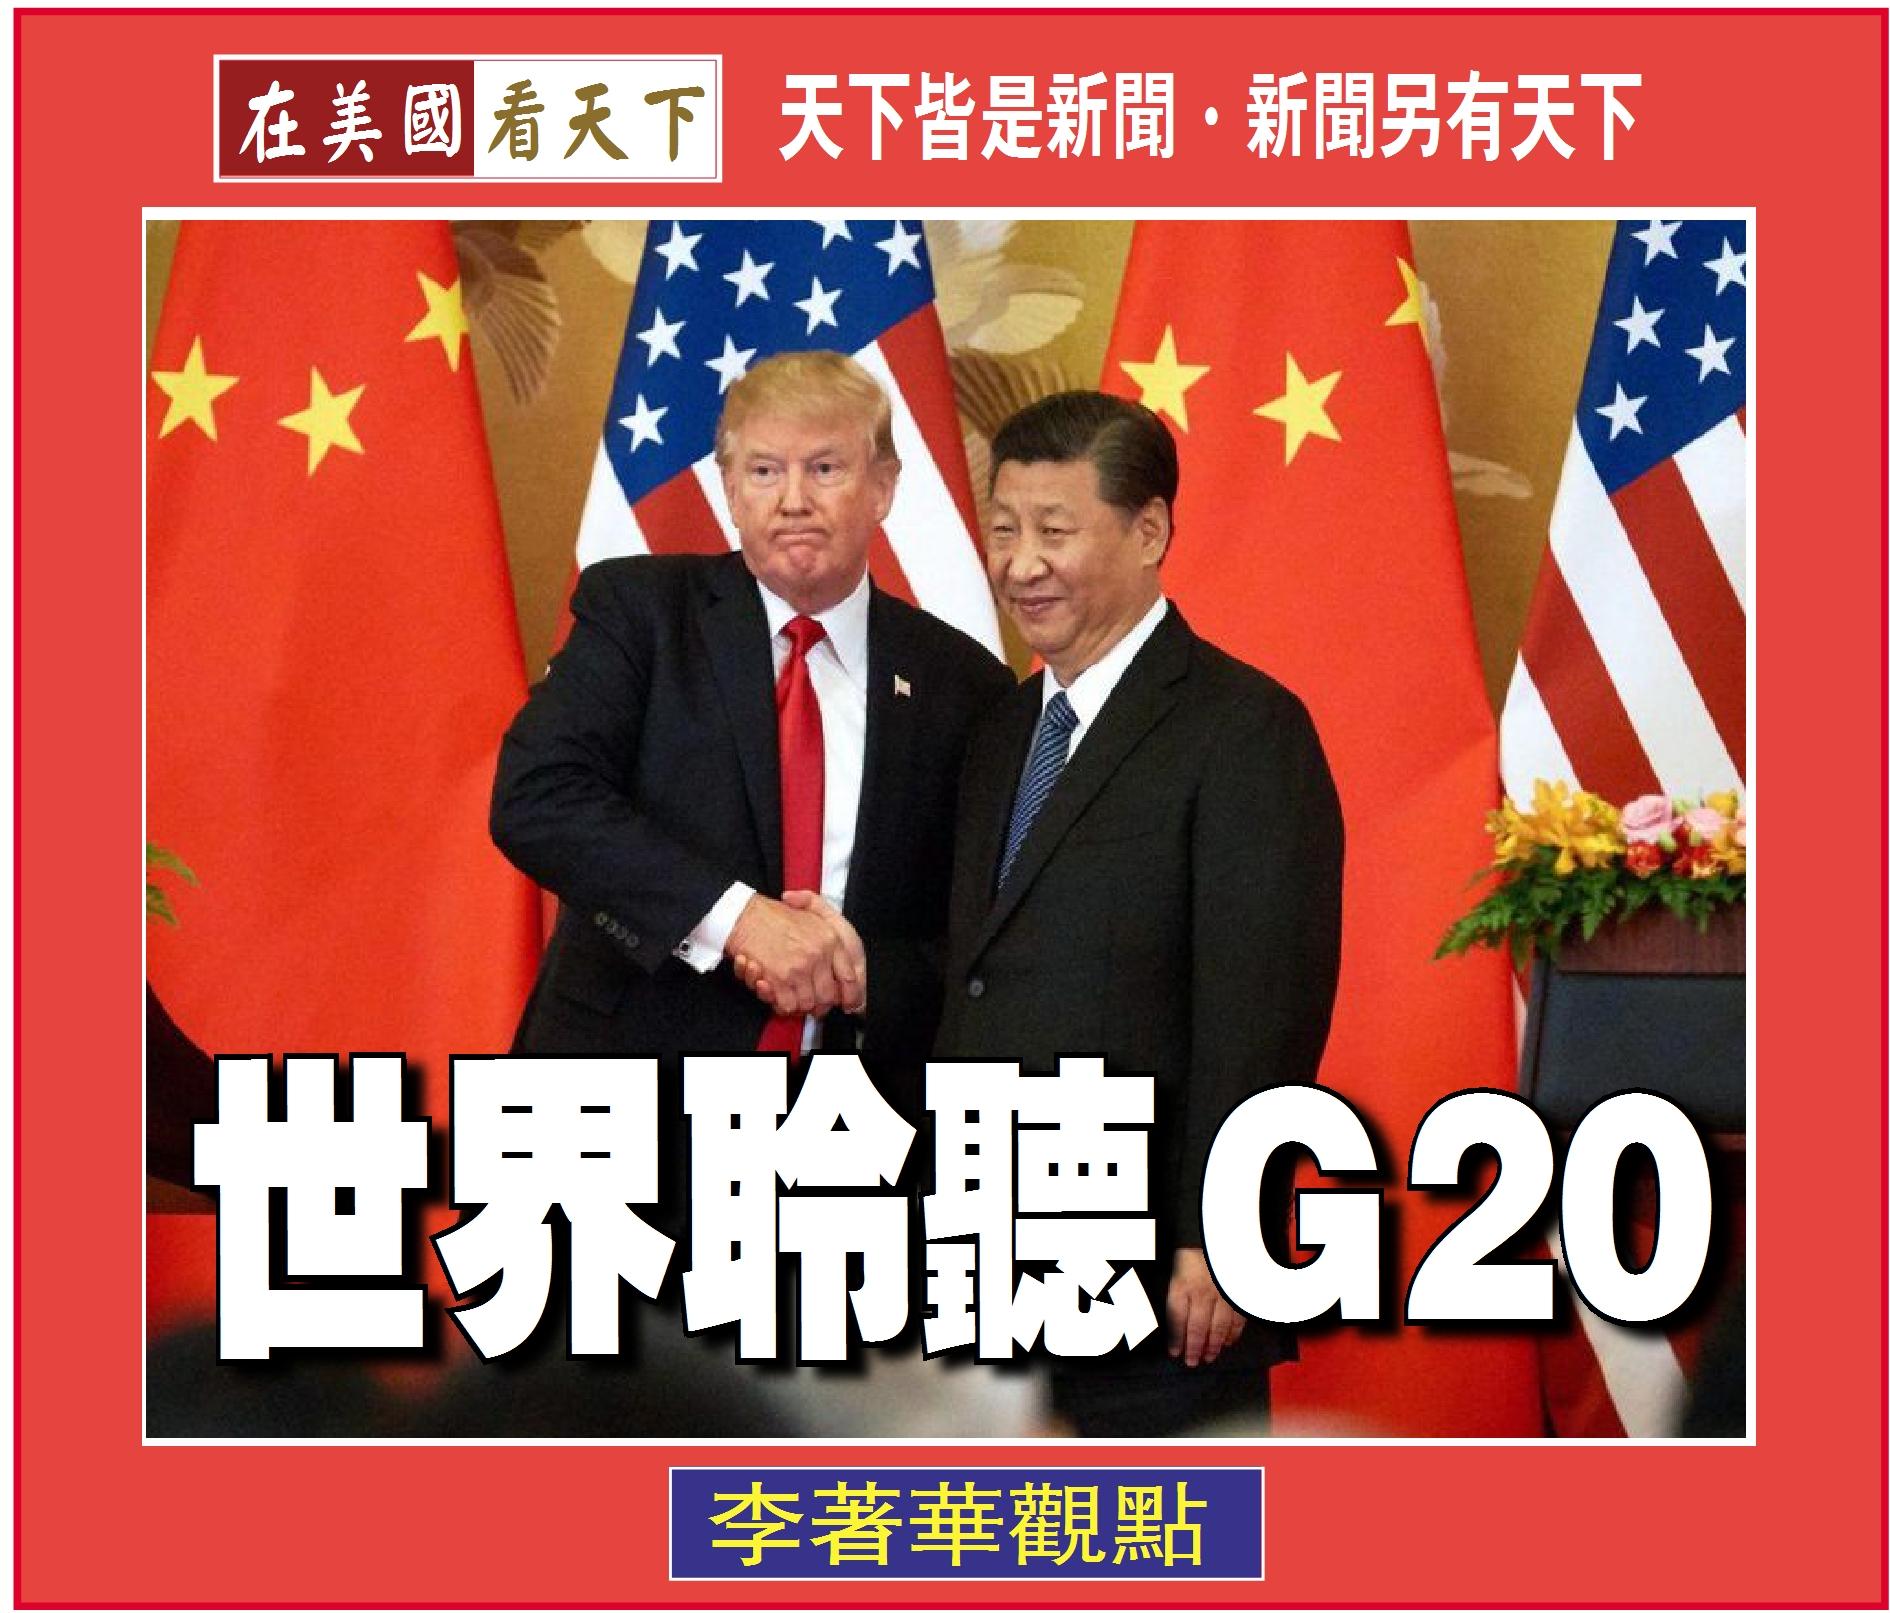 062719-世界都在聆聽G20-1.jpg